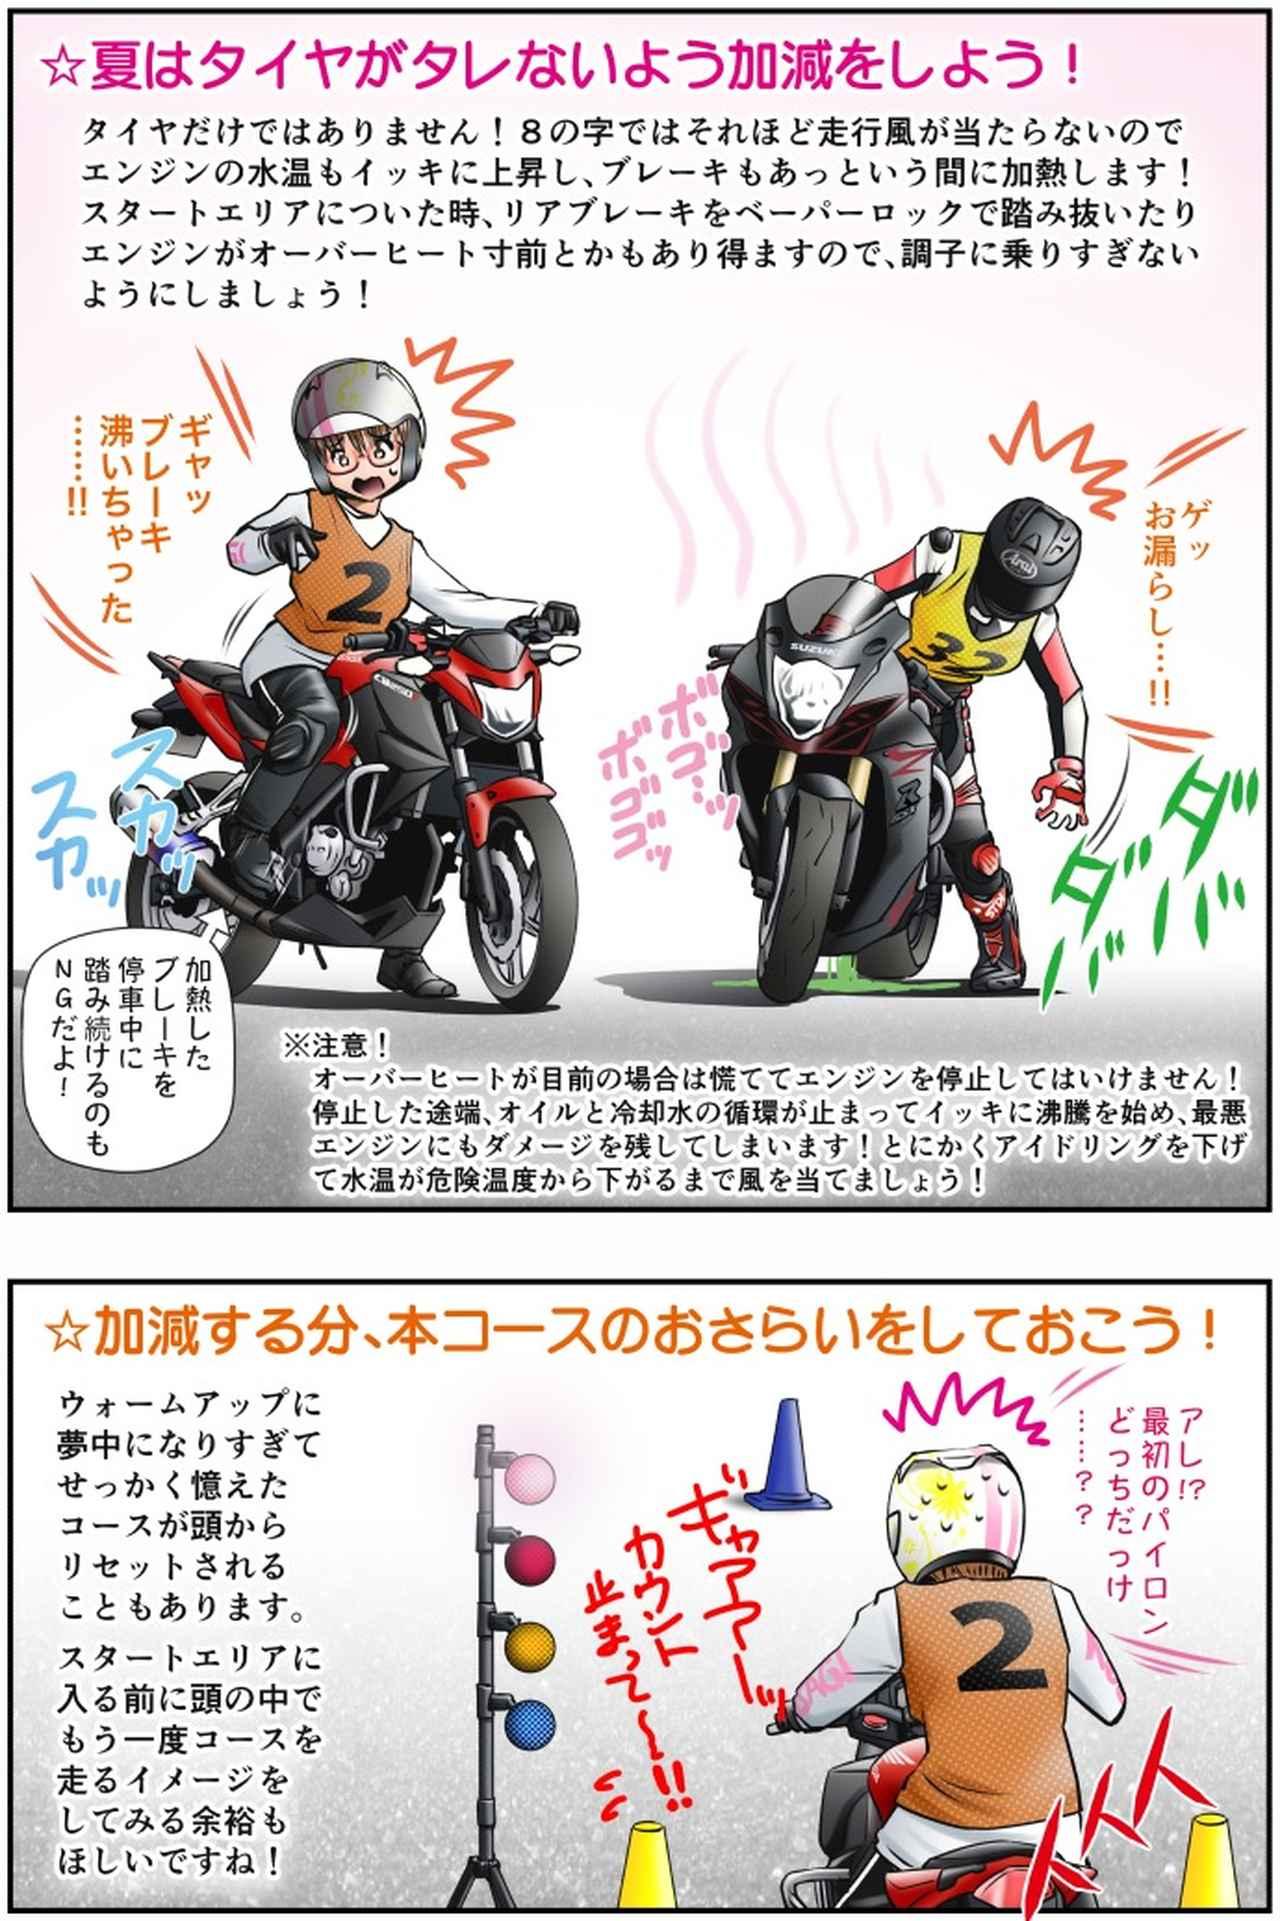 画像3: Motoジム! おまけのコーナー (大会のウォームアップで気をつけたいこと!)  作・ばどみゅーみん